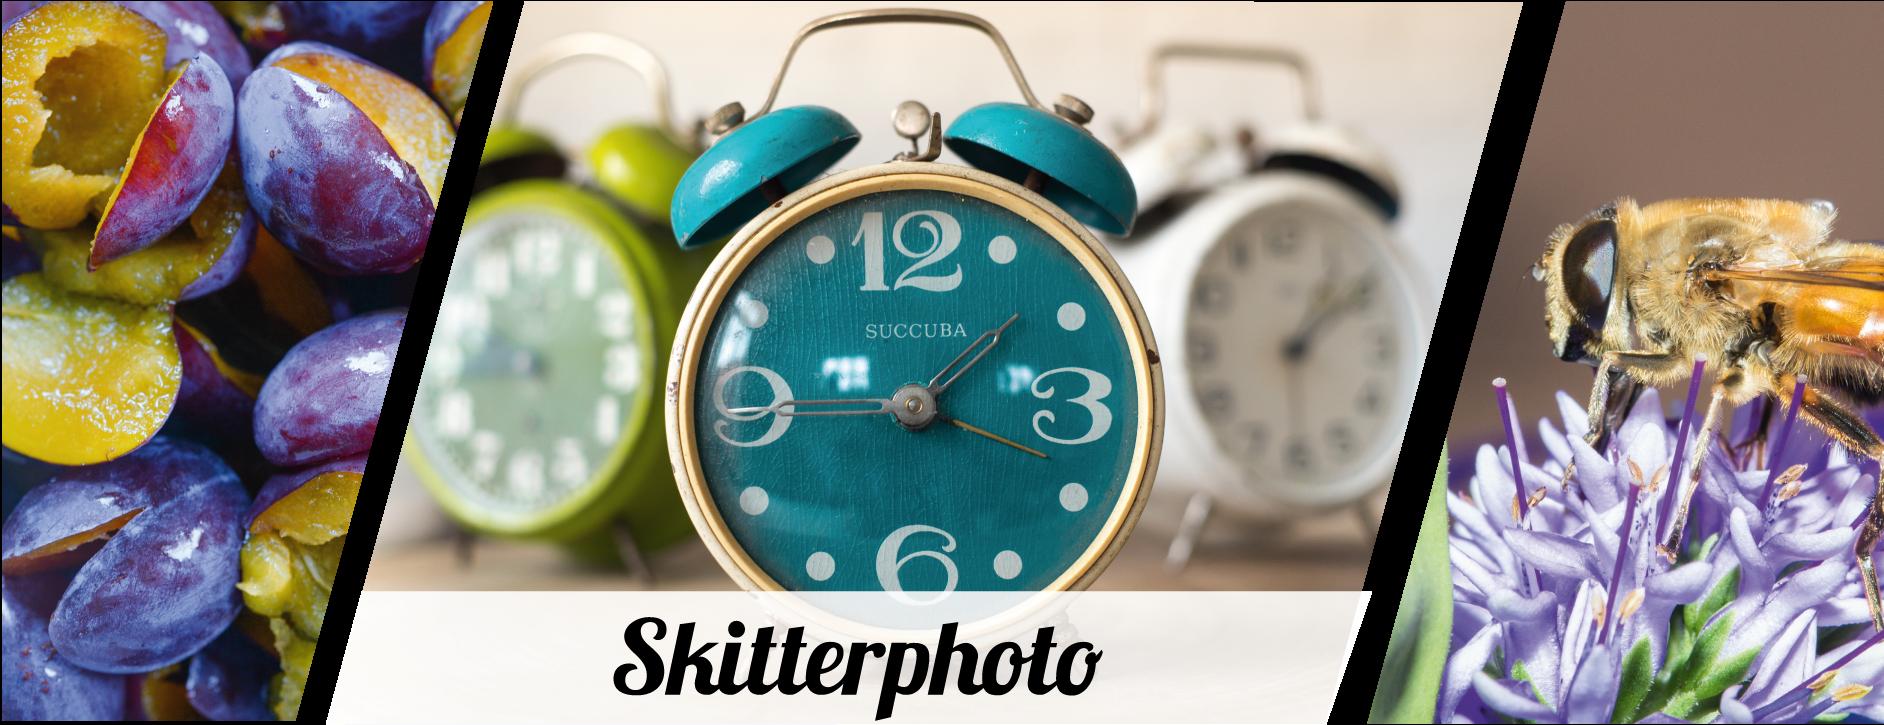 Skitterphoto image gallery